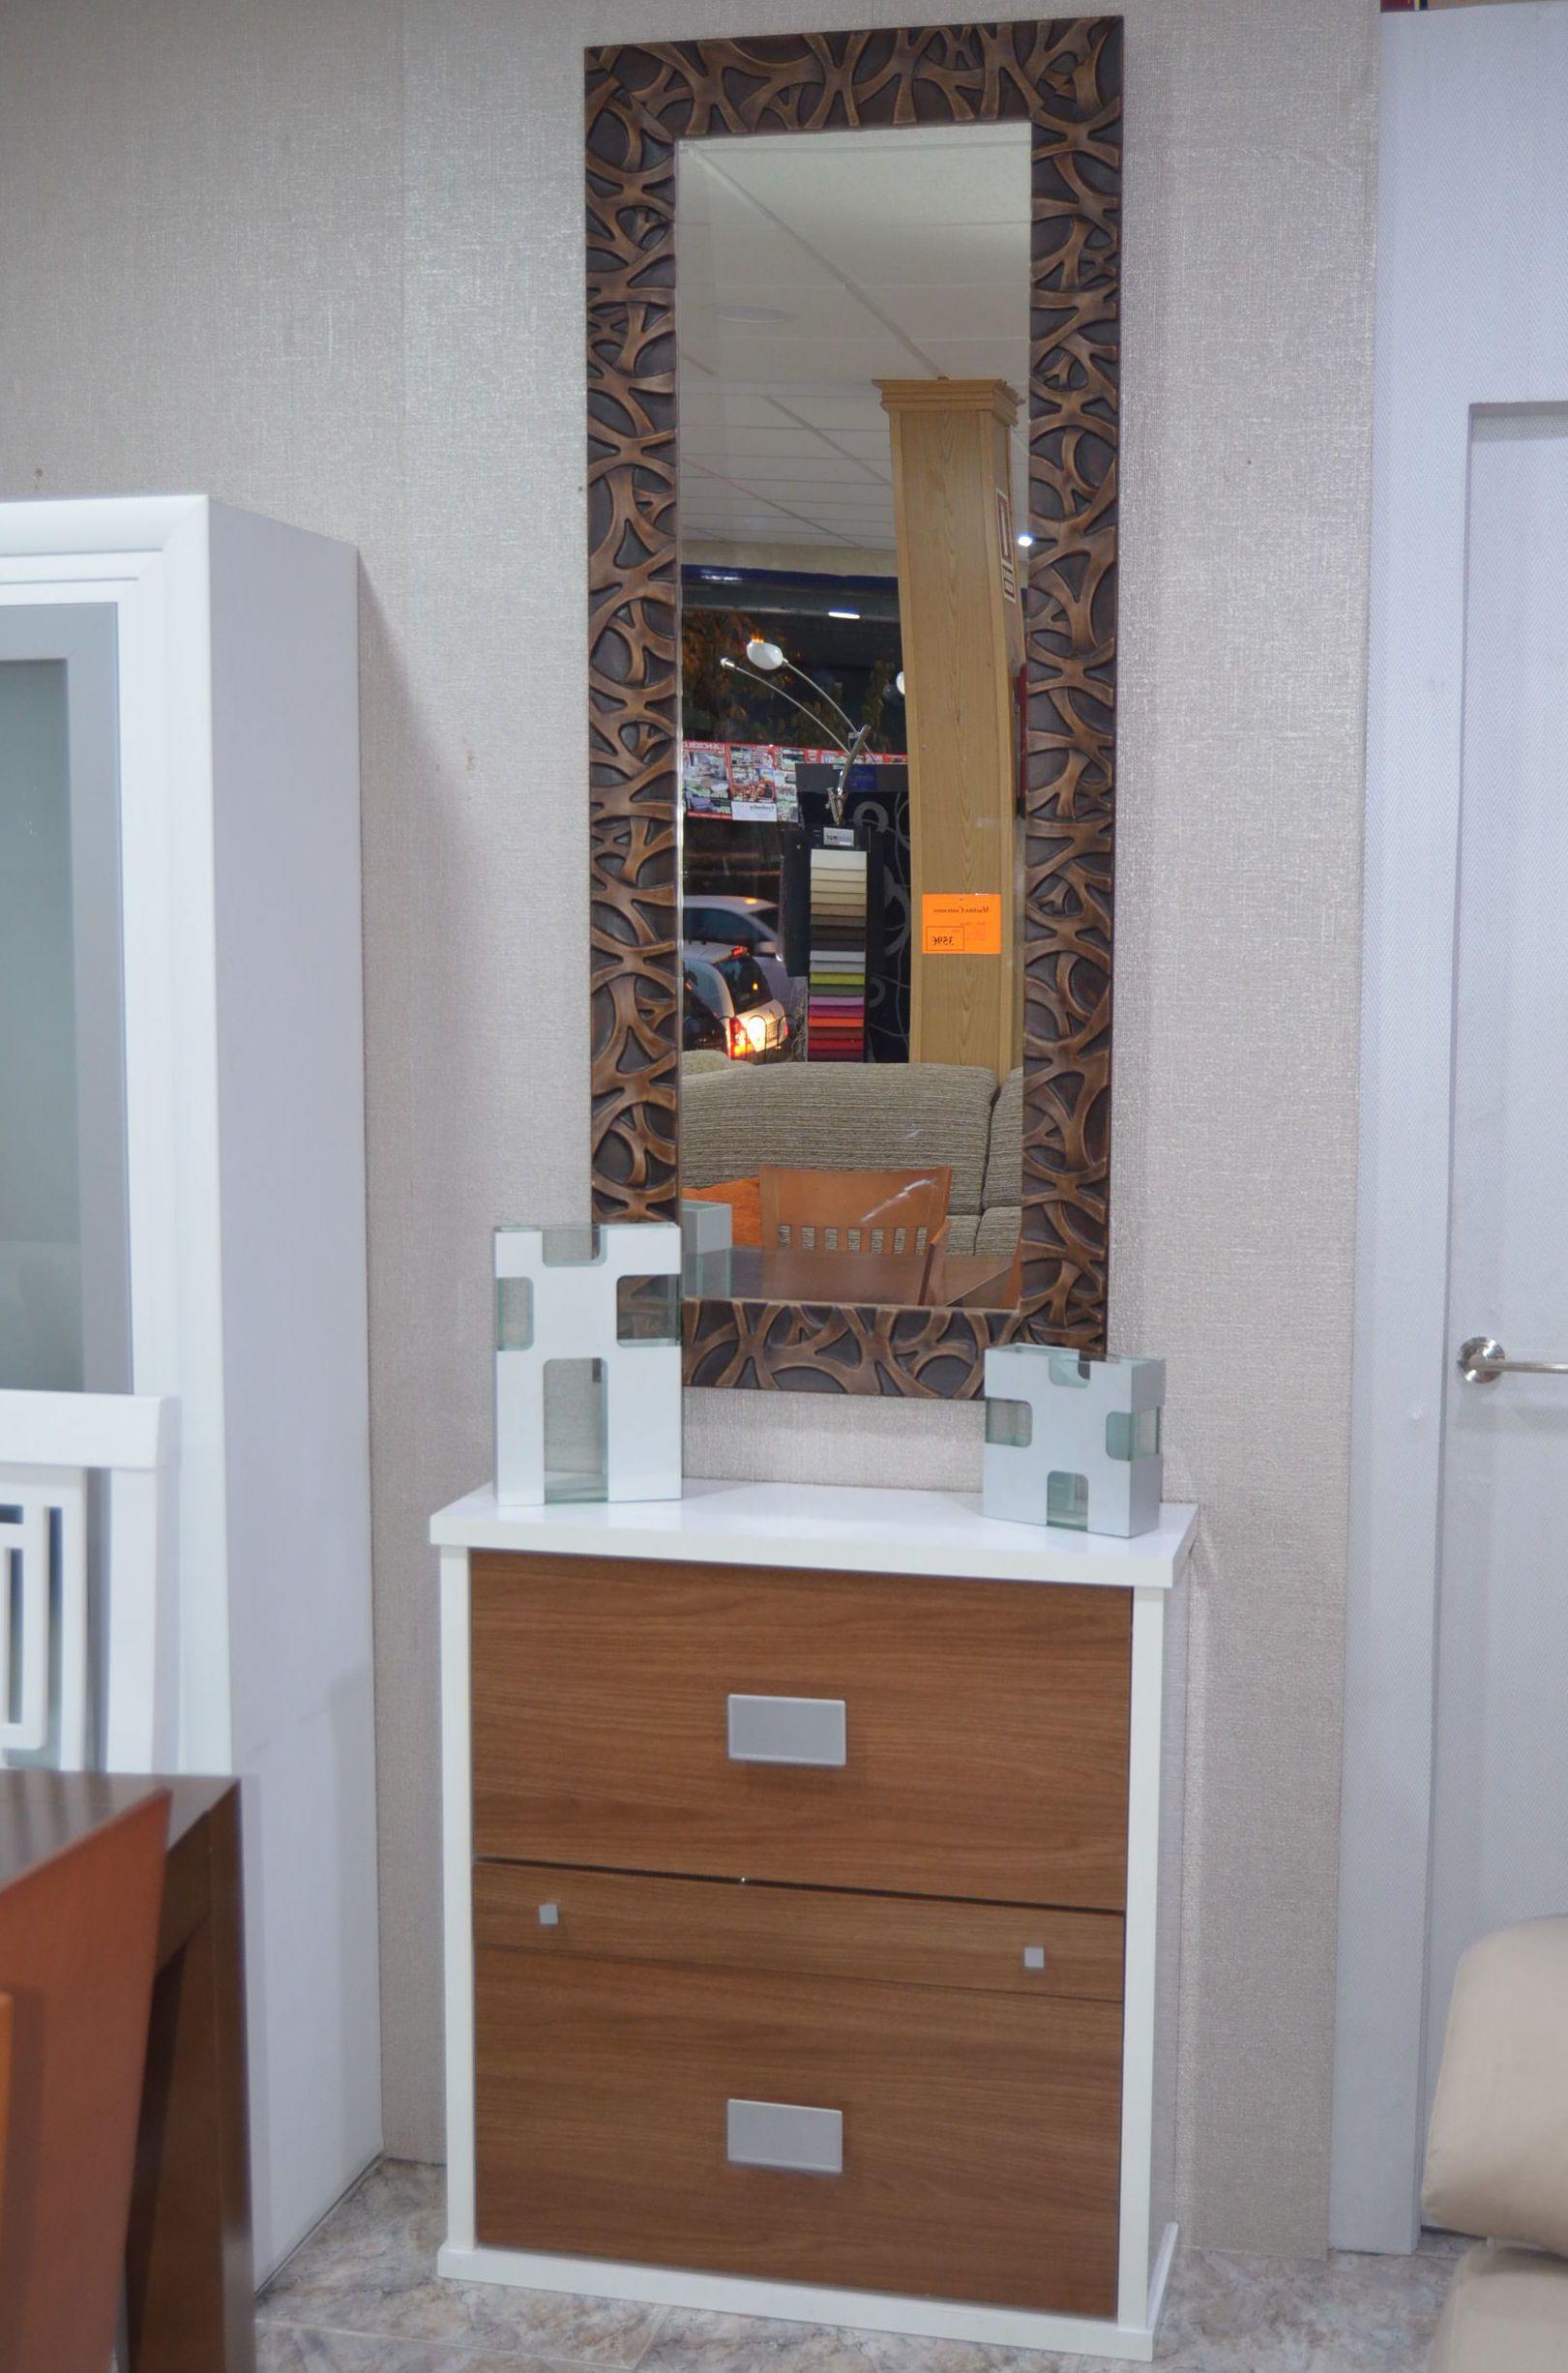 muebles baratos en fuenlabrada en muebles contrastes